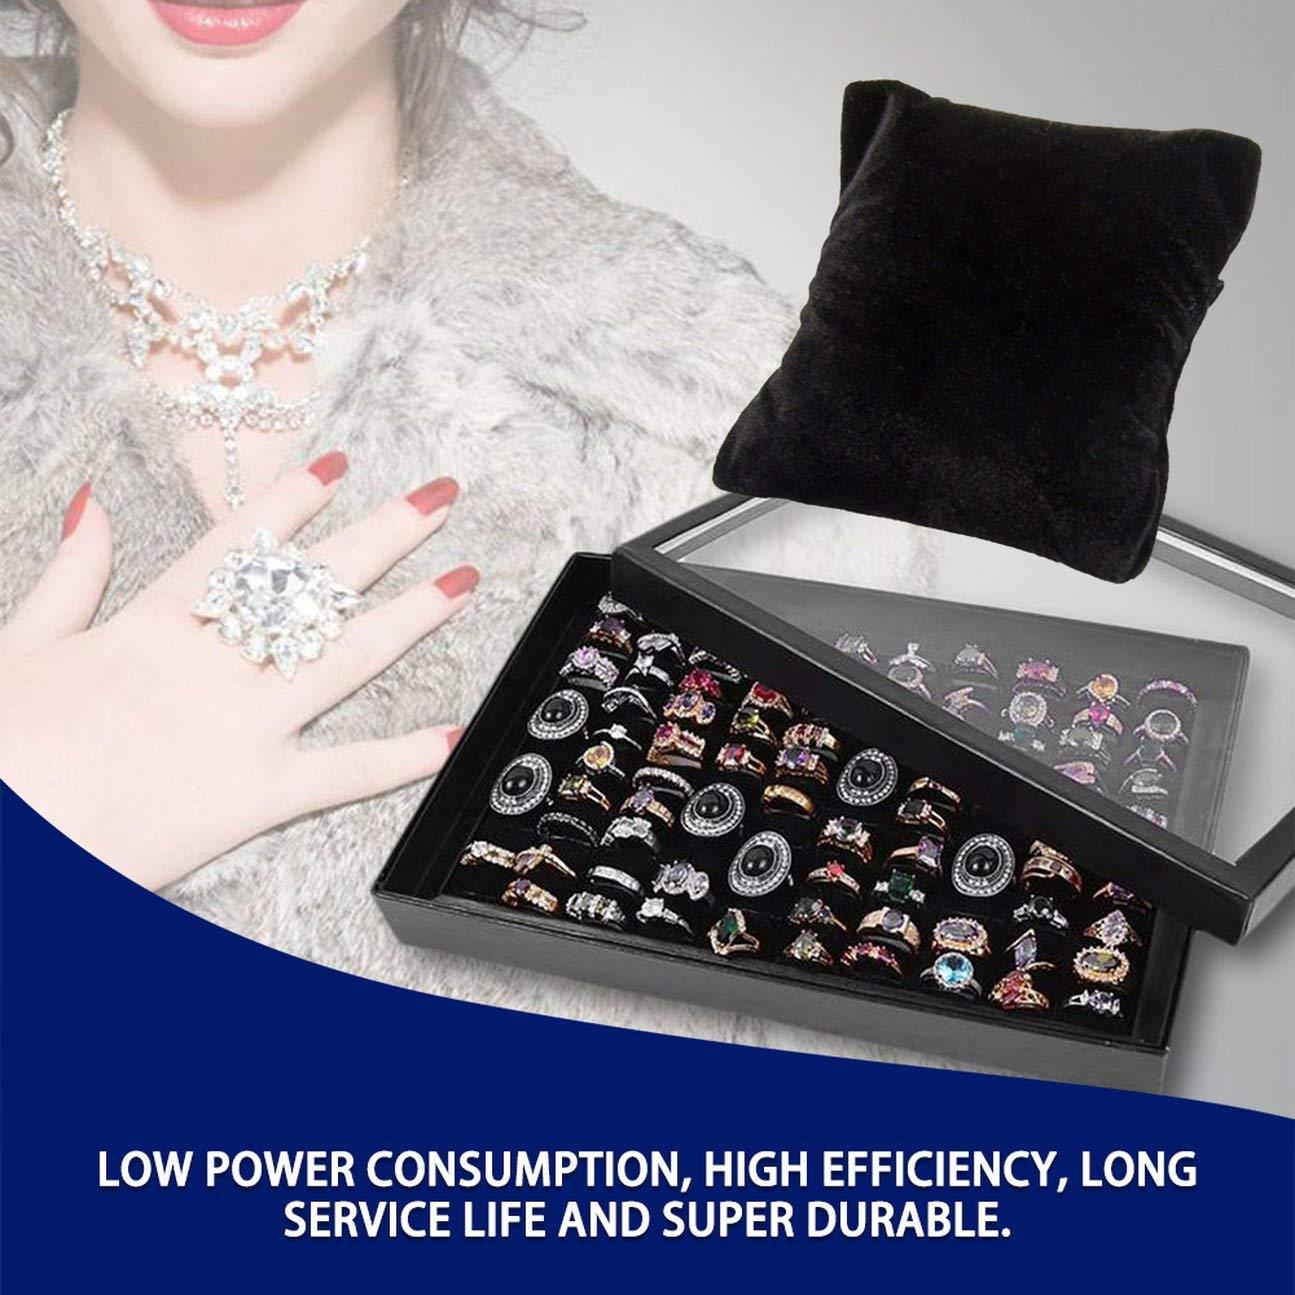 HIPENGYANBAIHU /Éponge Petit Oreiller pour Bracelet Affichage Montre Affichage Bijoux Affichage Bijoux Accessoires 5pcs Petit Coussin Couleur: Noir